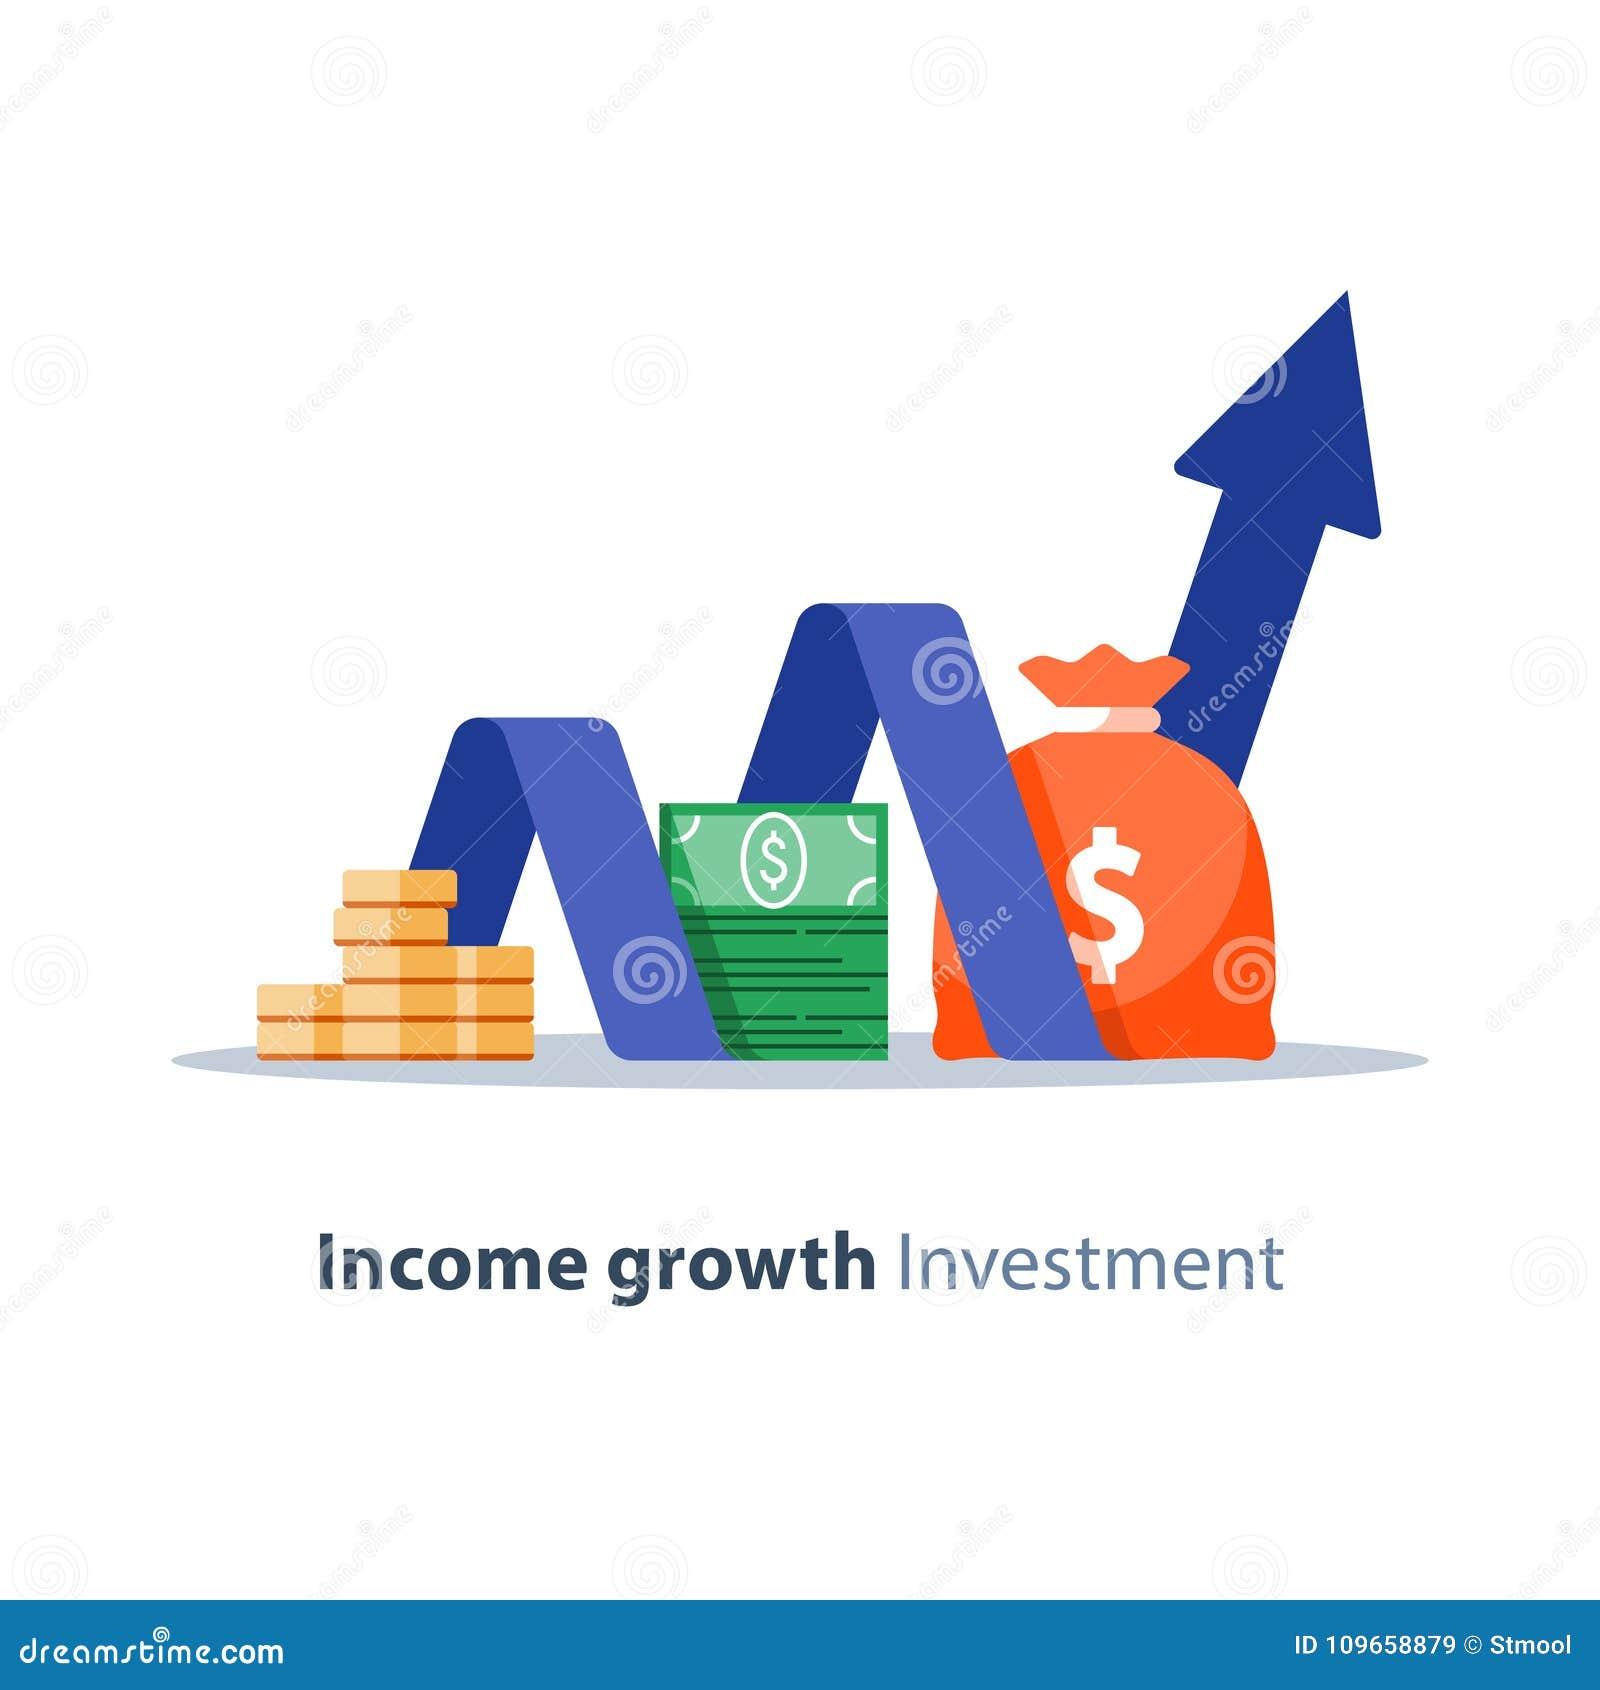 Inversión financiera, fondo de jubilación, servicios bancarios, plan del presupuesto, informe de las finanzas, crecimiento de la